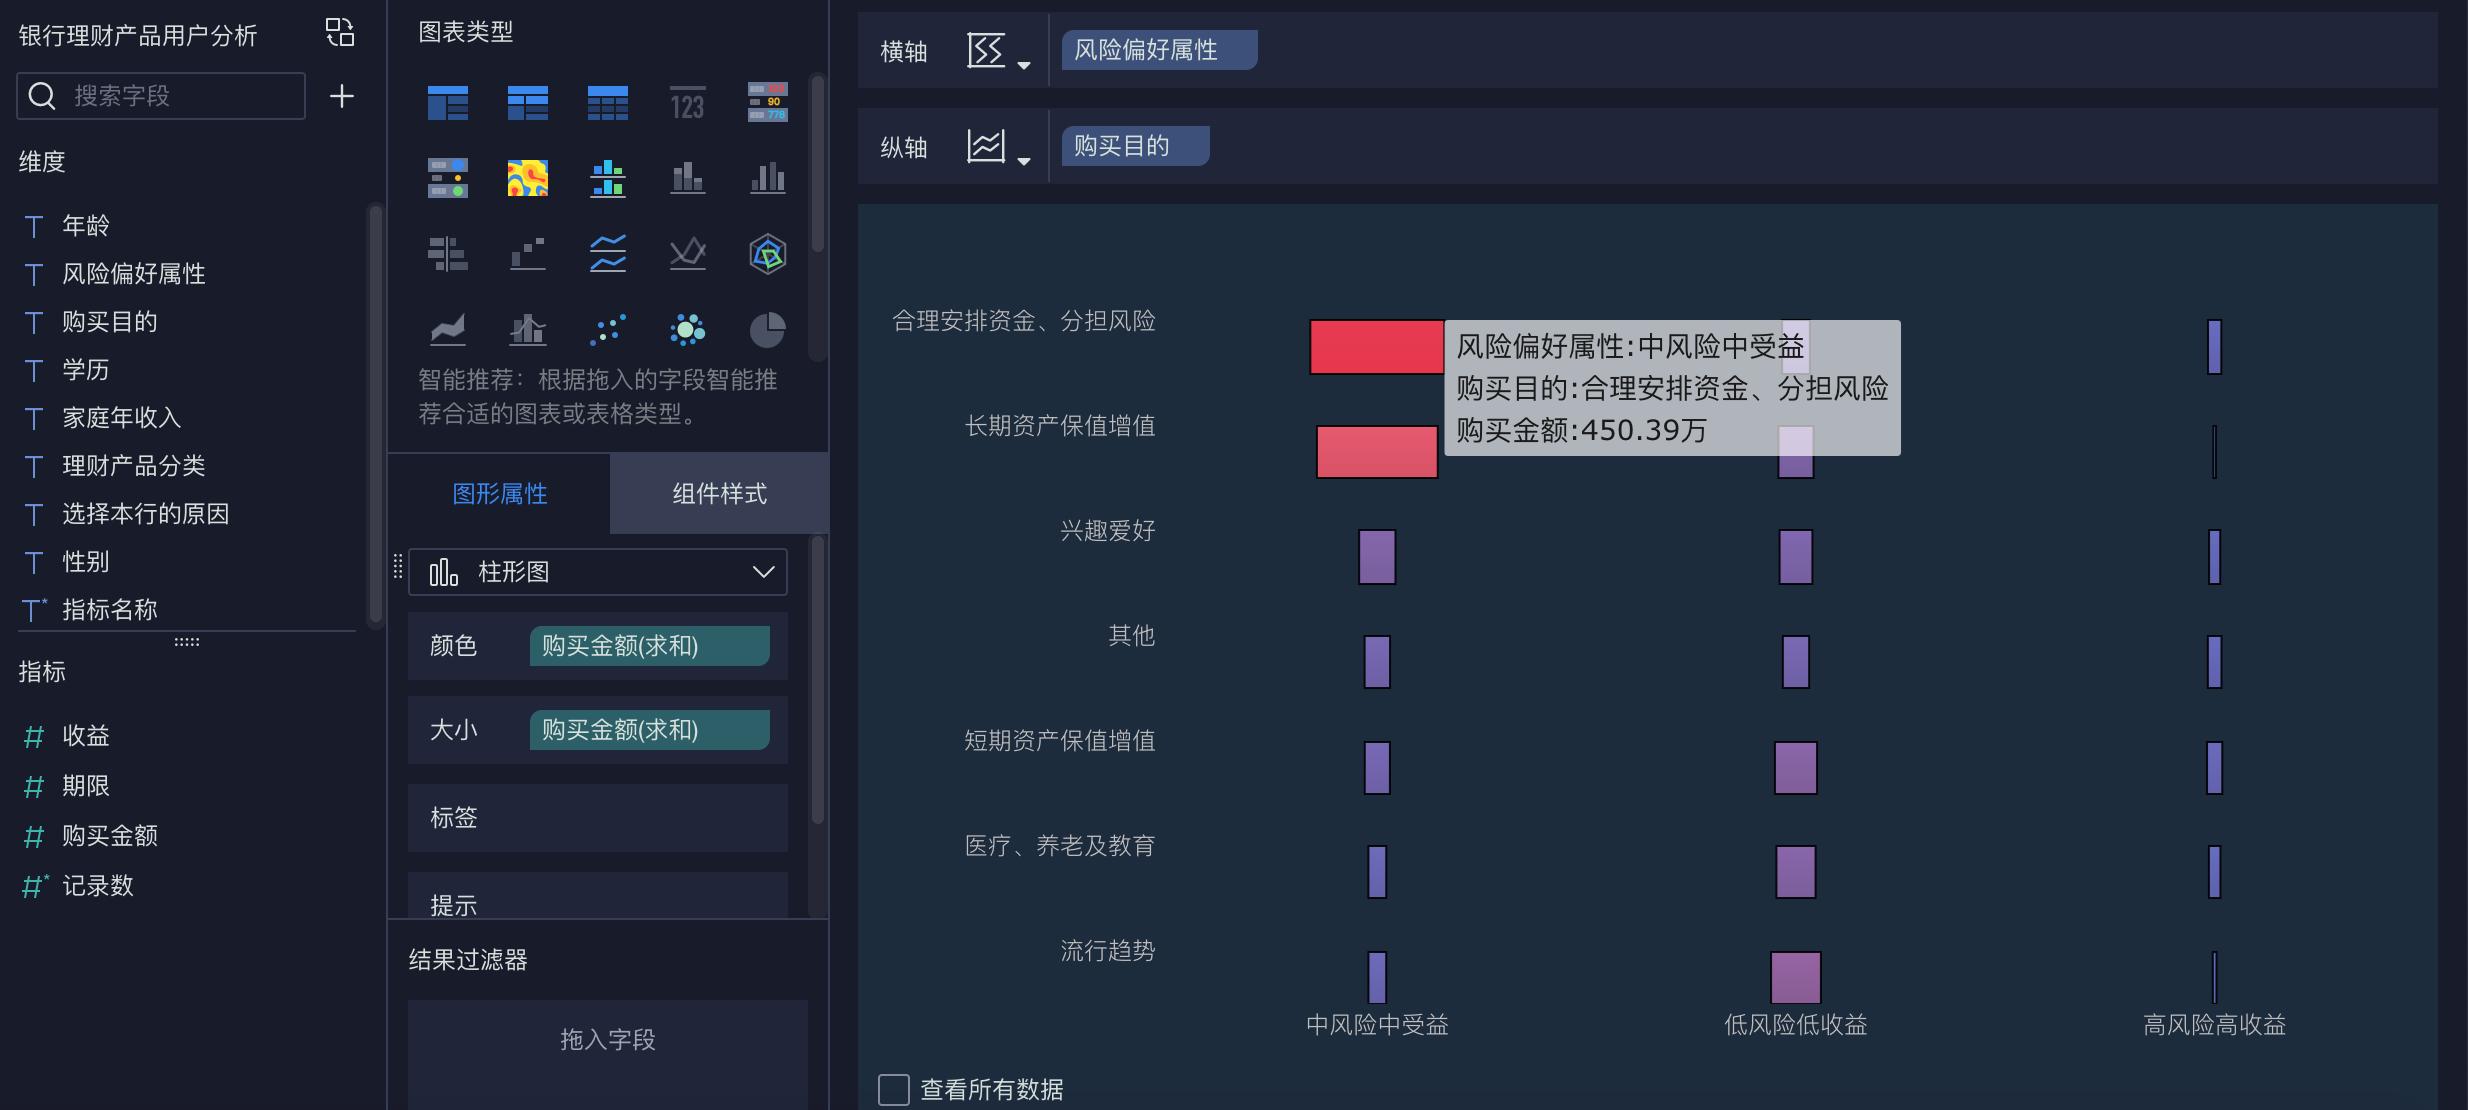 数据分析报告怎么写,分析报告模板,数据分析图表软件,数据报告分析